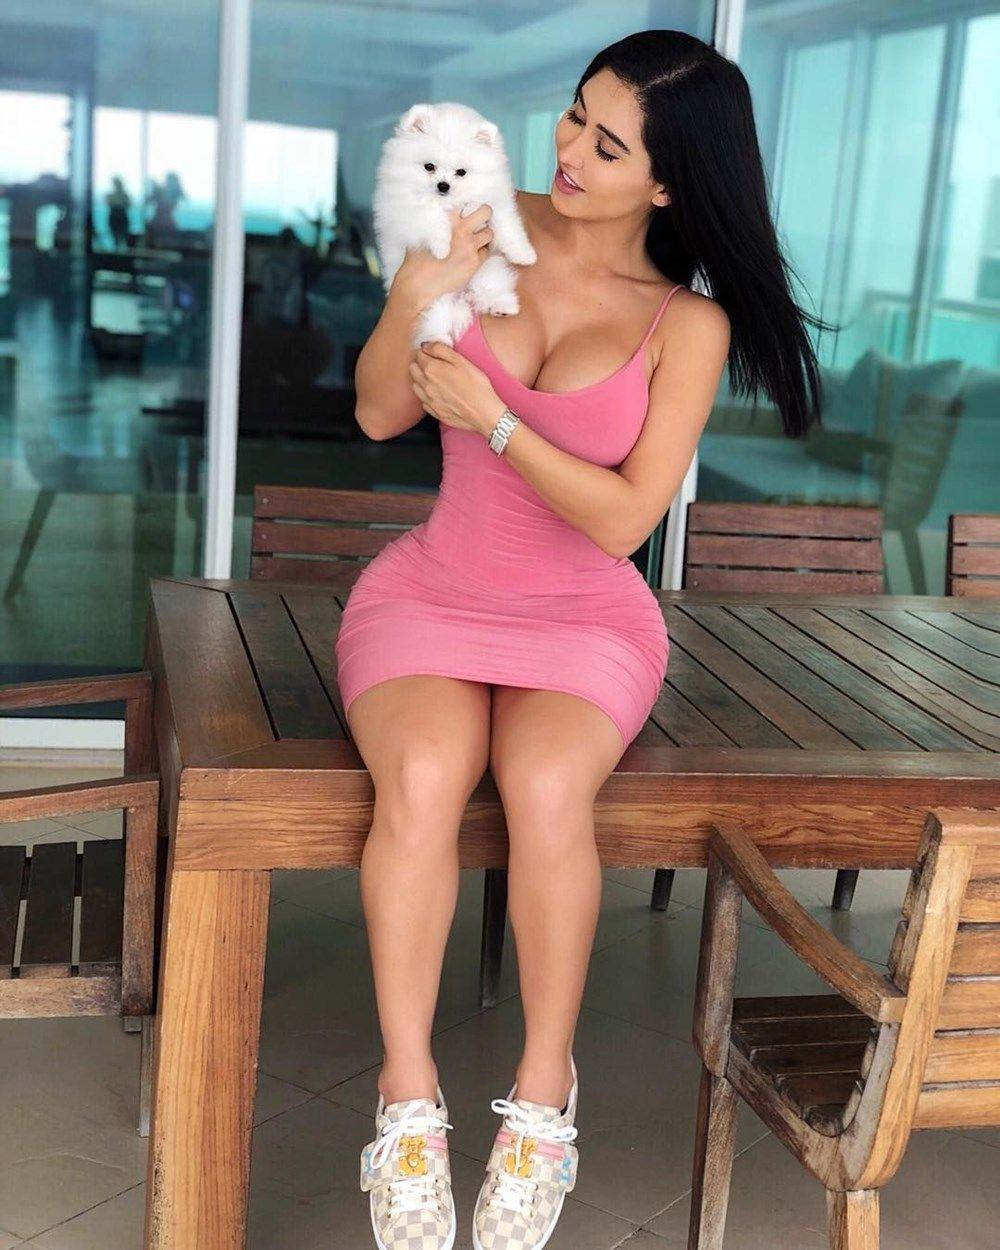 'Meksikalı Kim Kardashian' olarak tanınan fenomenin kalça operasyonu sonu oldu - Sayfa 1